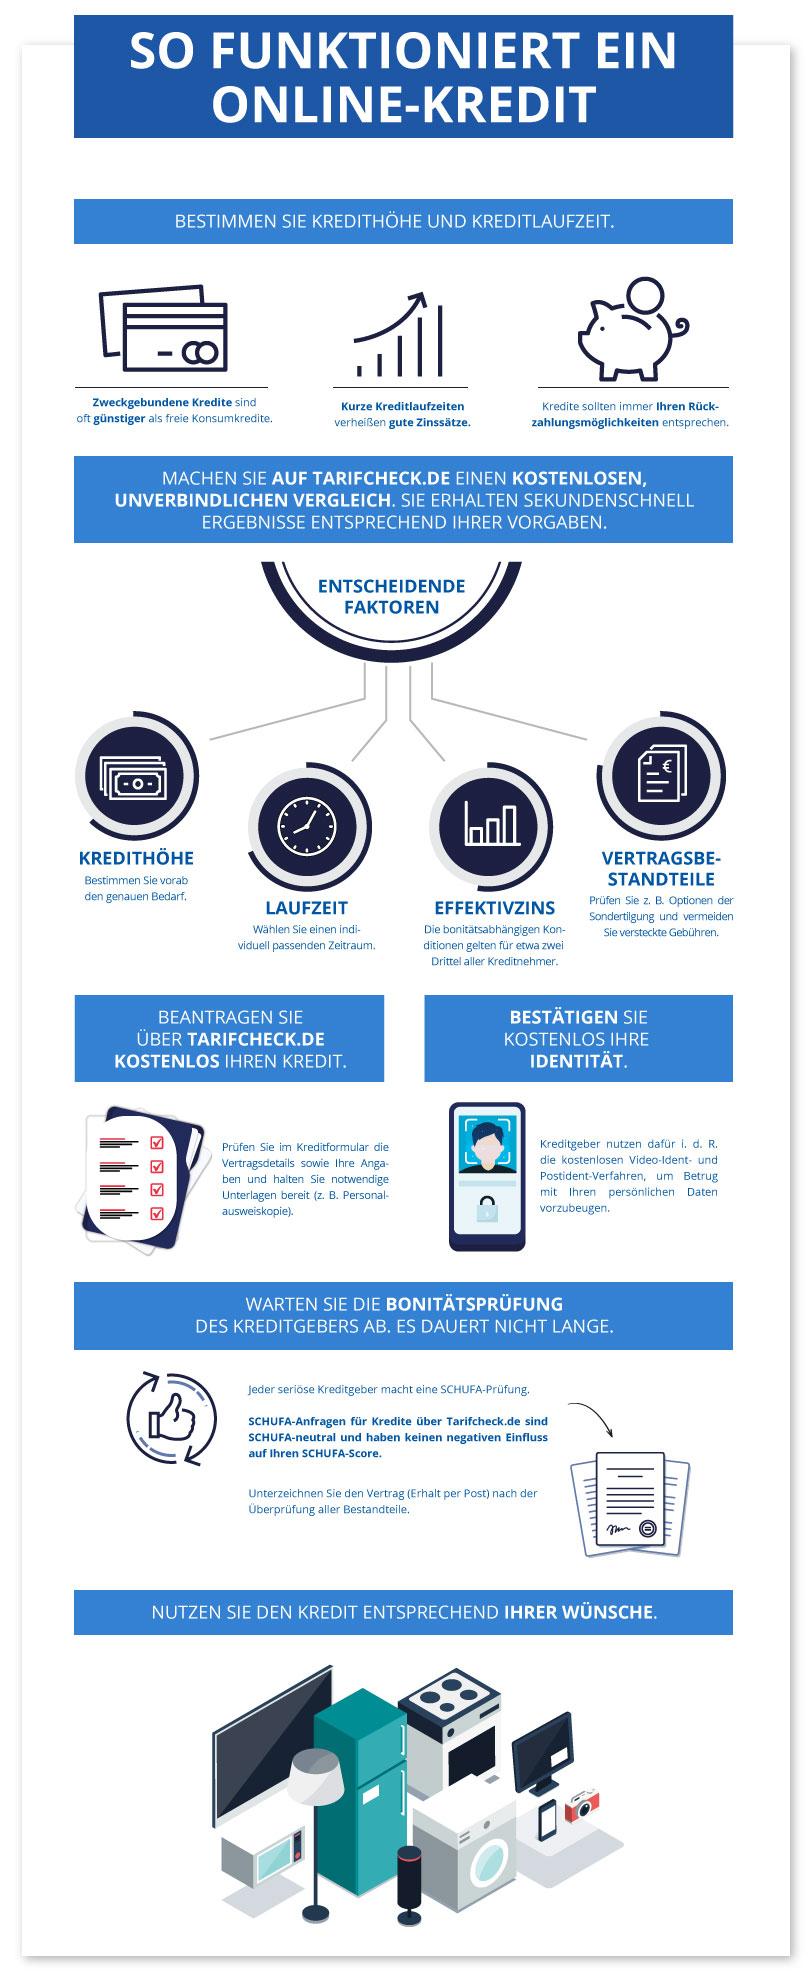 Tarifcheck Infografik Onlinekredit